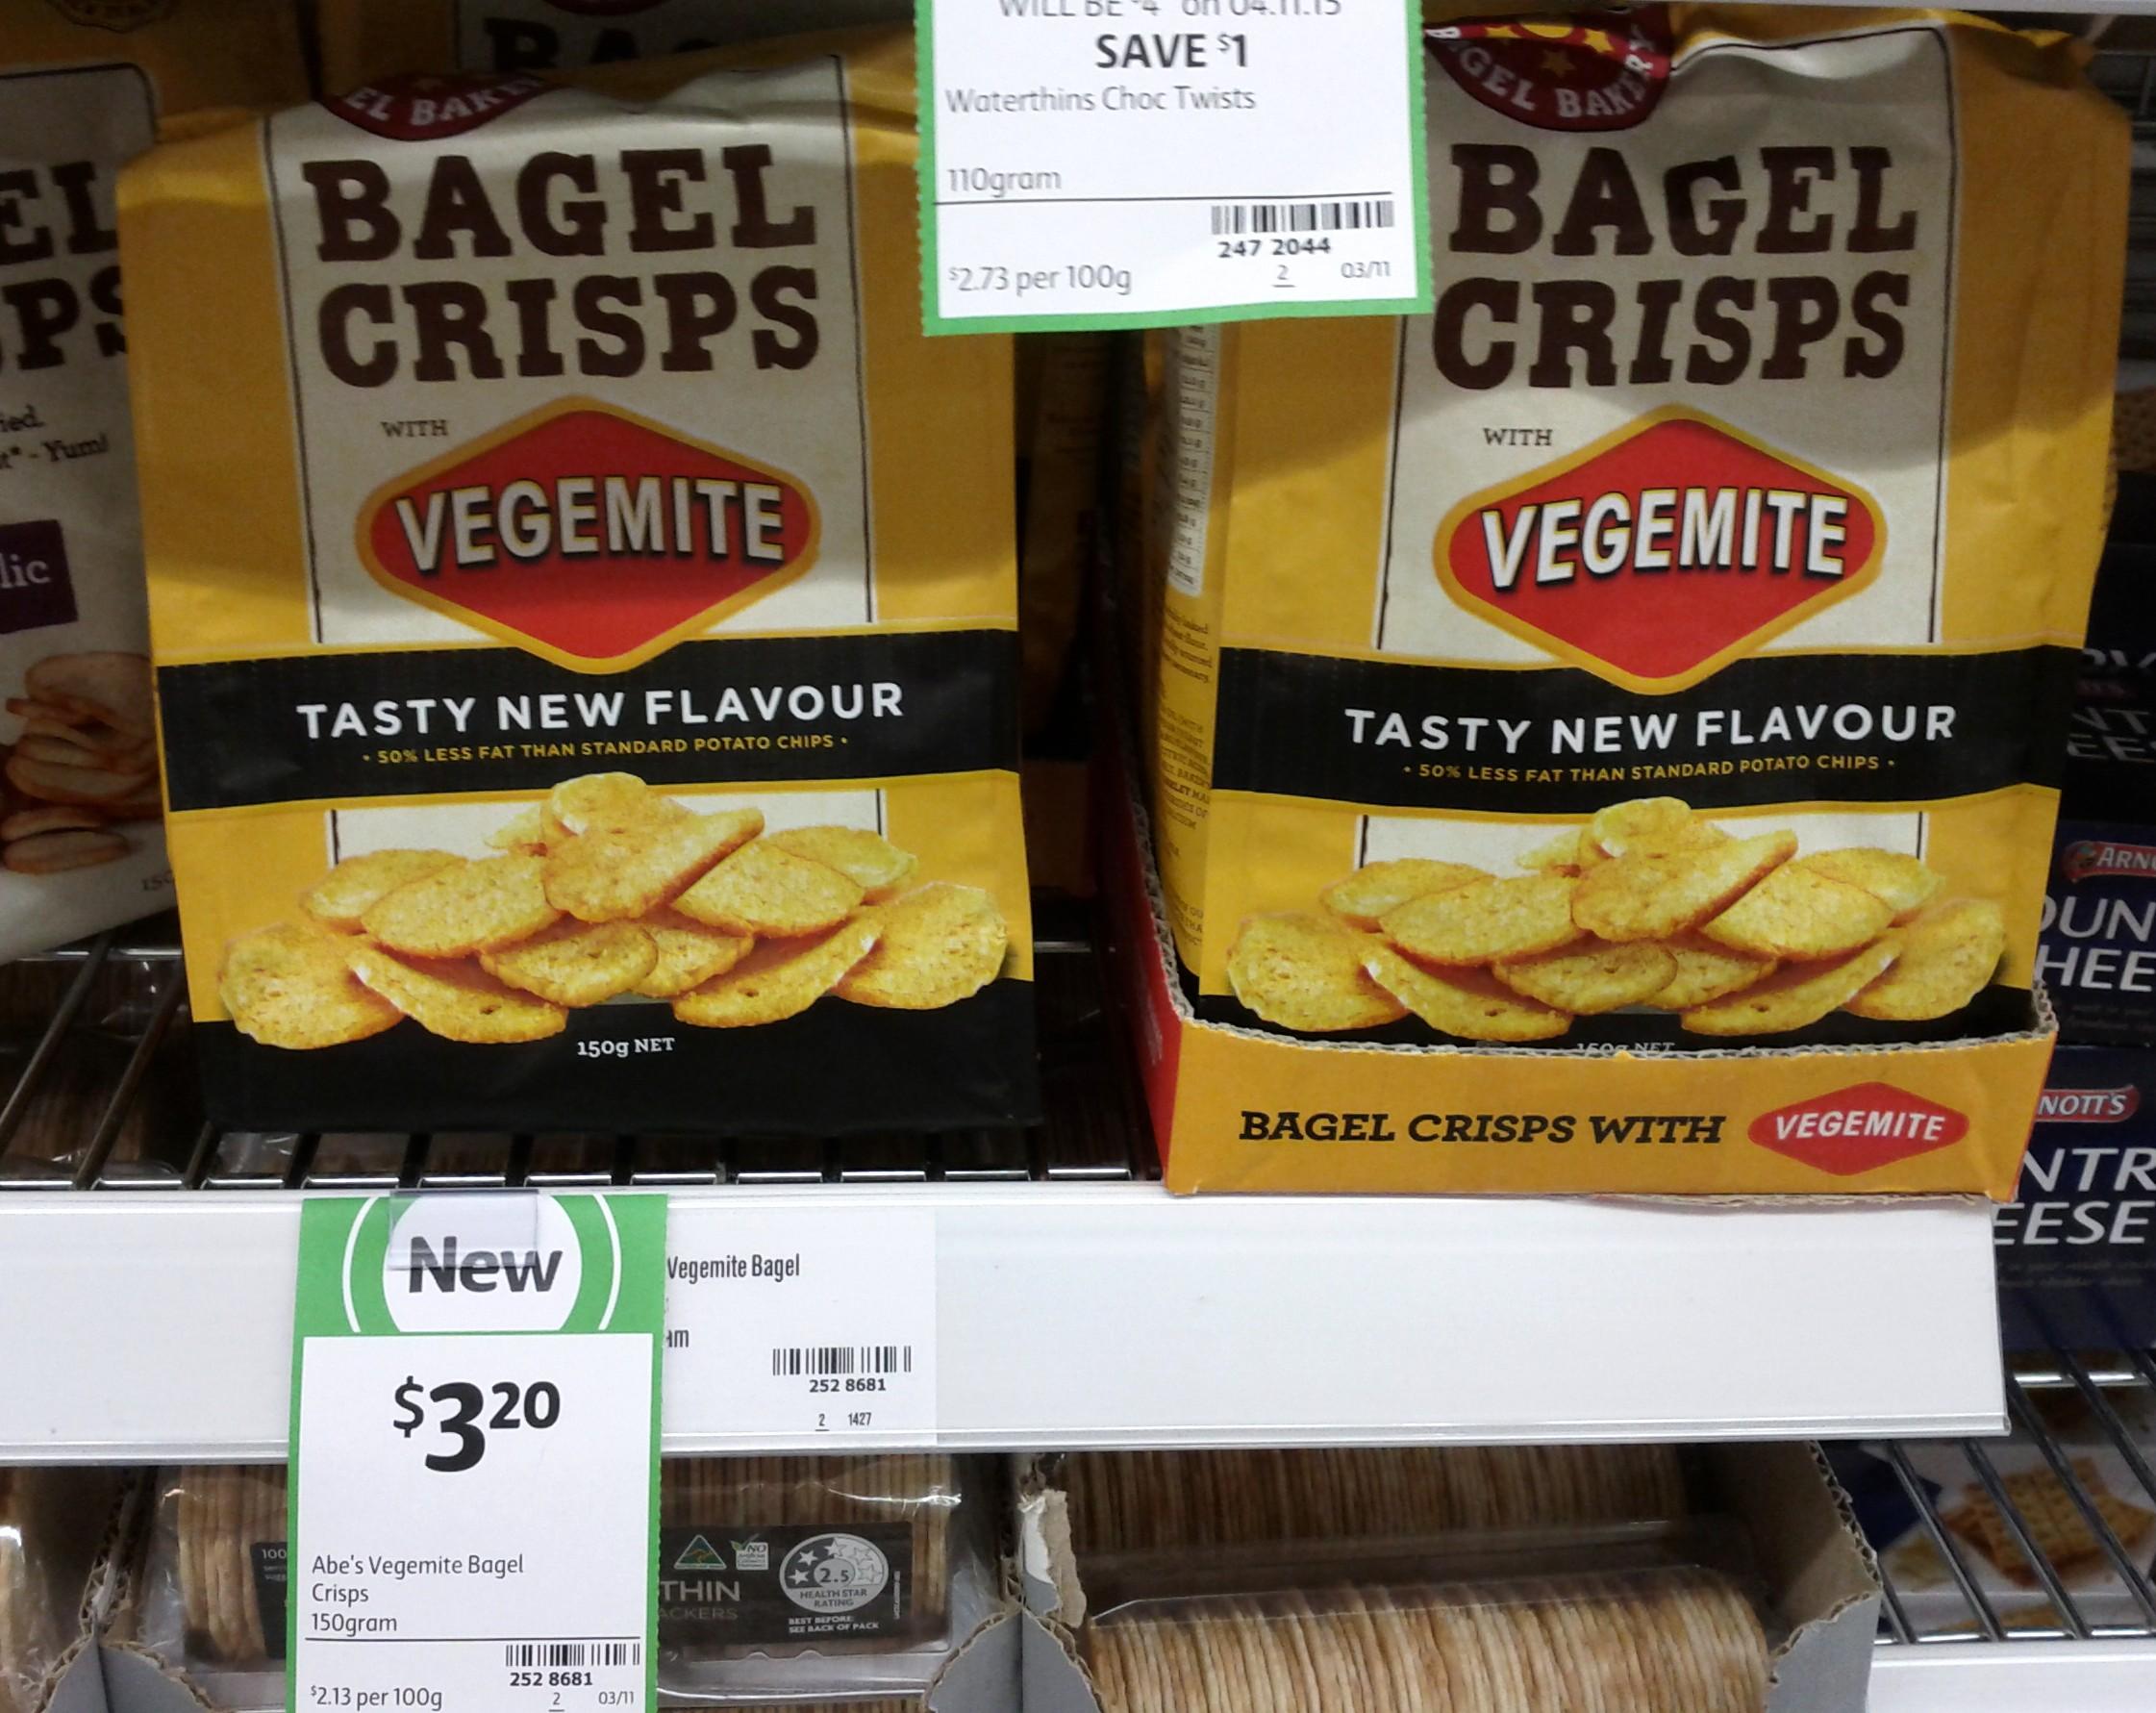 Abe's Bagel Crisps 150g Vegemite